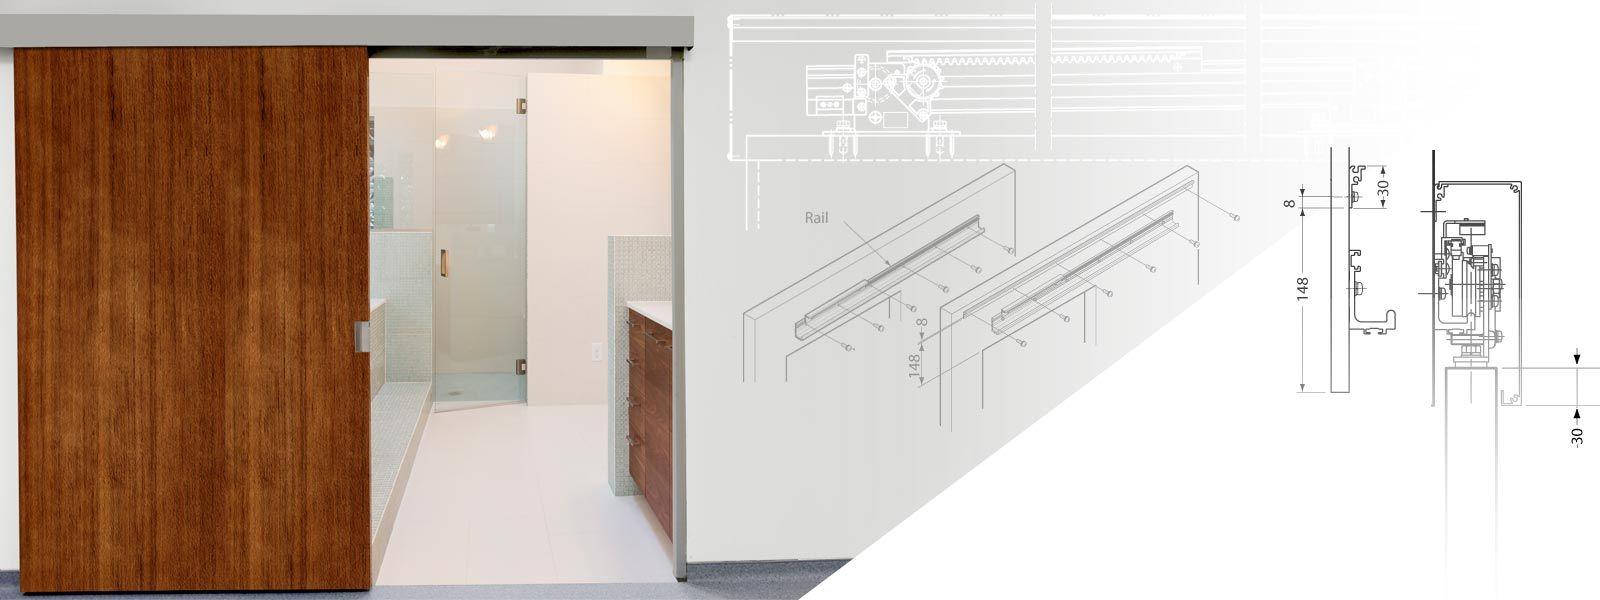 Sugatsune Architectural Cabinet Hardware Concealed Door Hinges Stainless Steel Doors Sliding Door Hardware